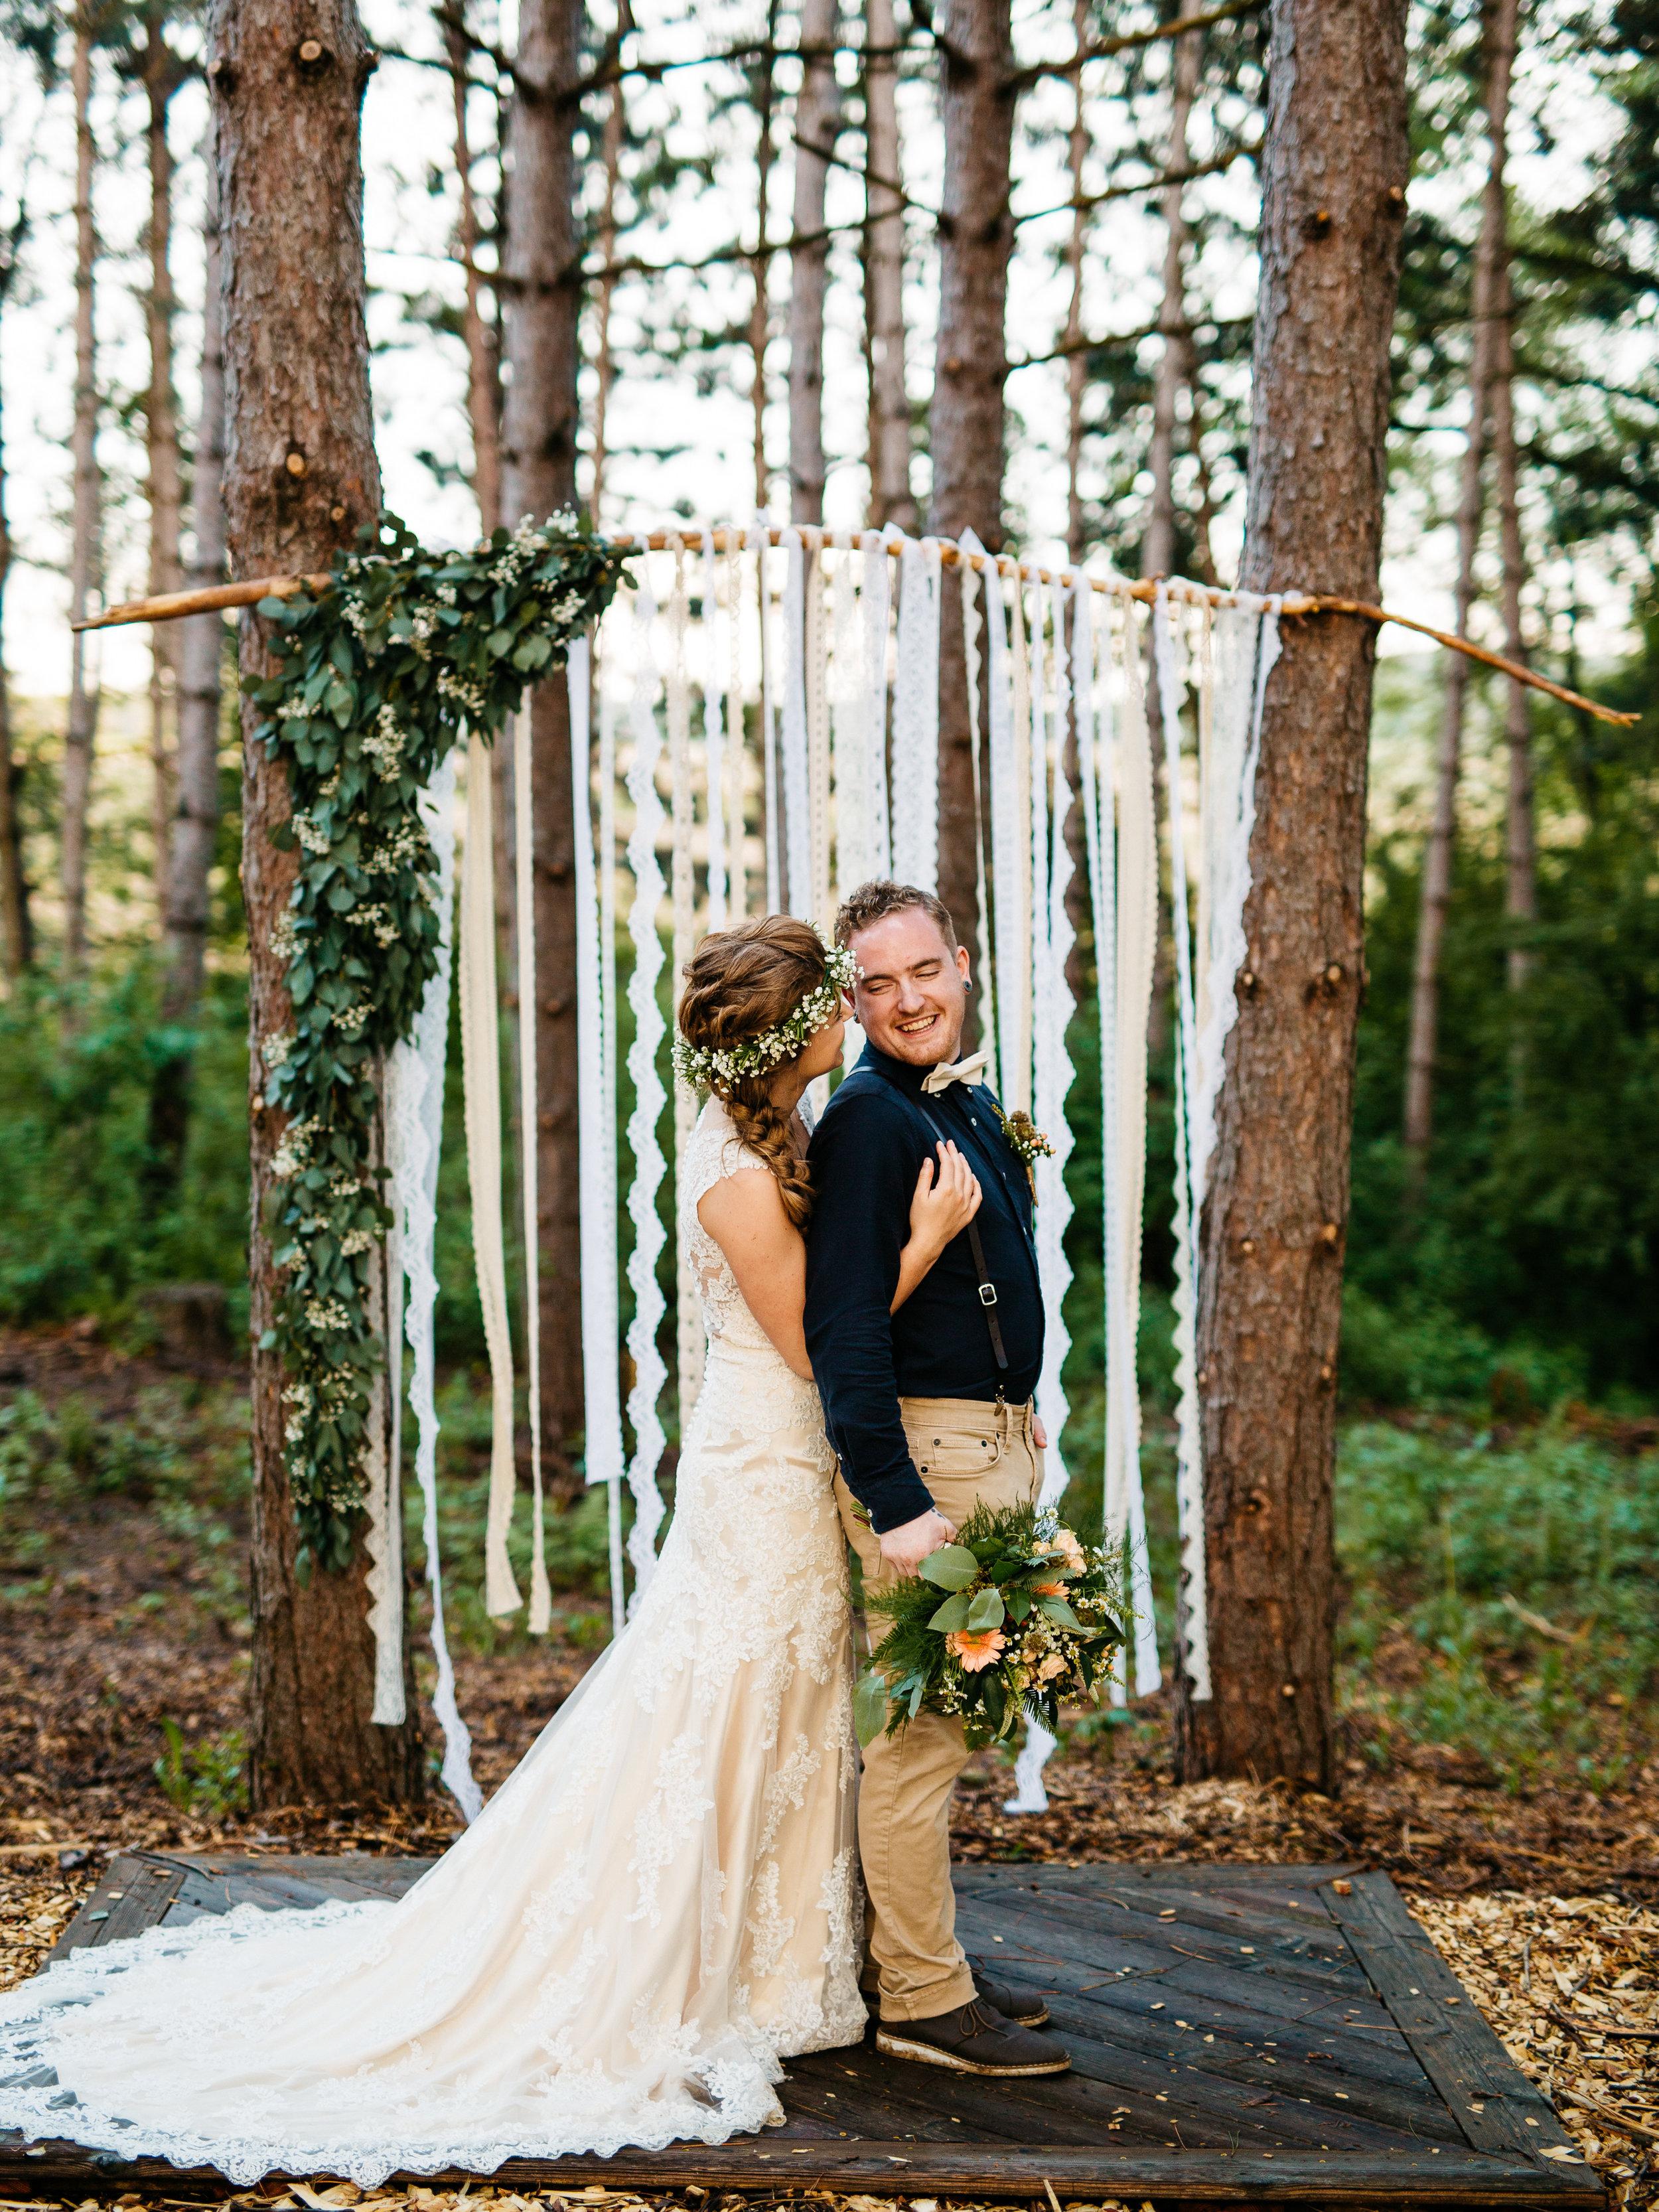 bohemian-forest-wedding-stillwater-minnesota-st-cloud-photographer-1540.jpg